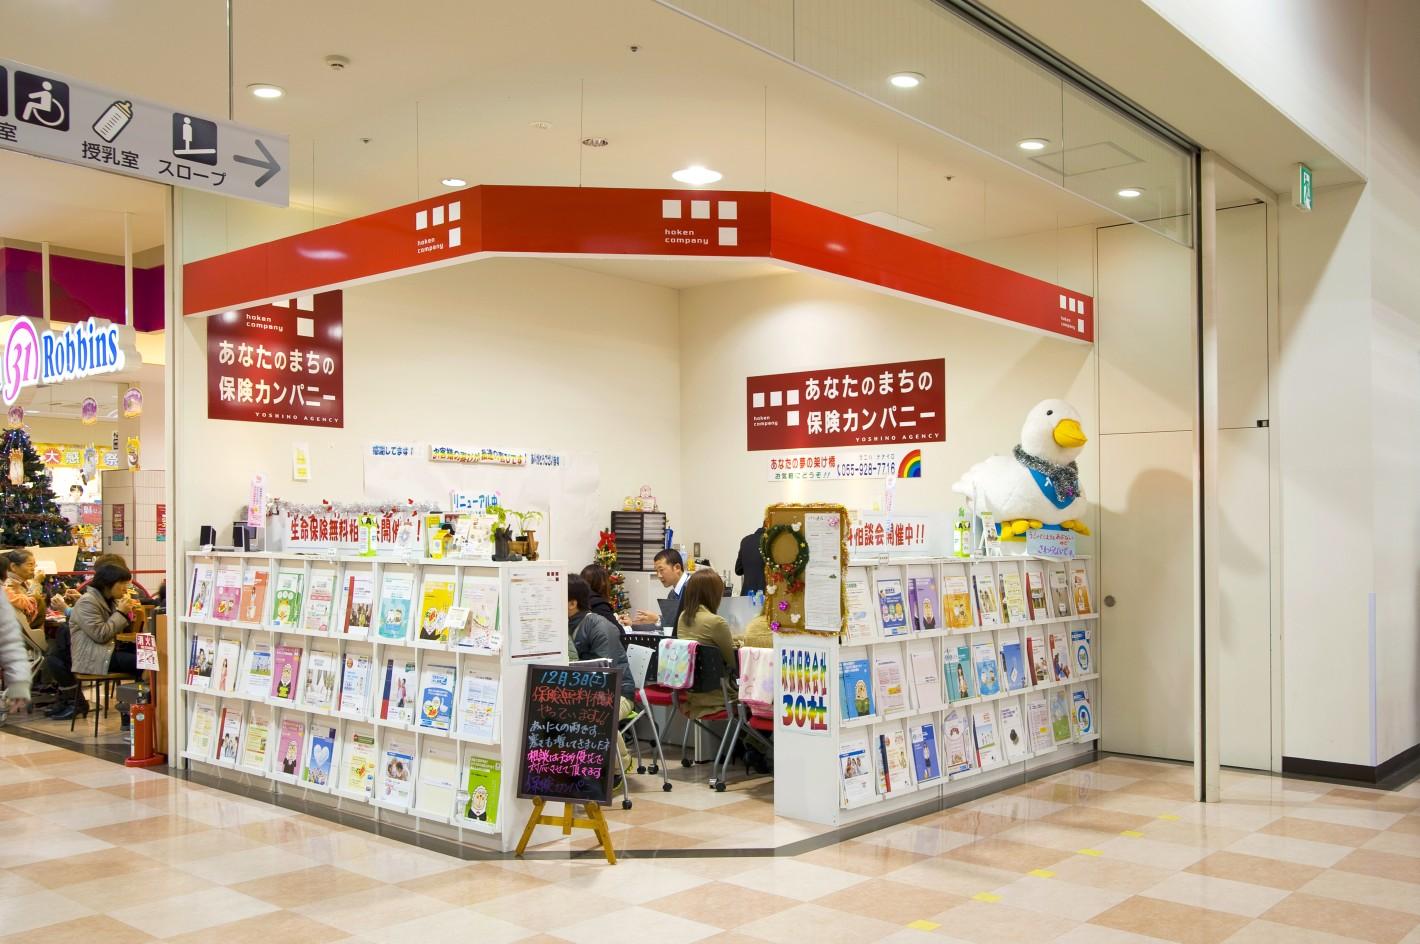 駿東郡清水町玉川:保険カンパニー  サントムーン店